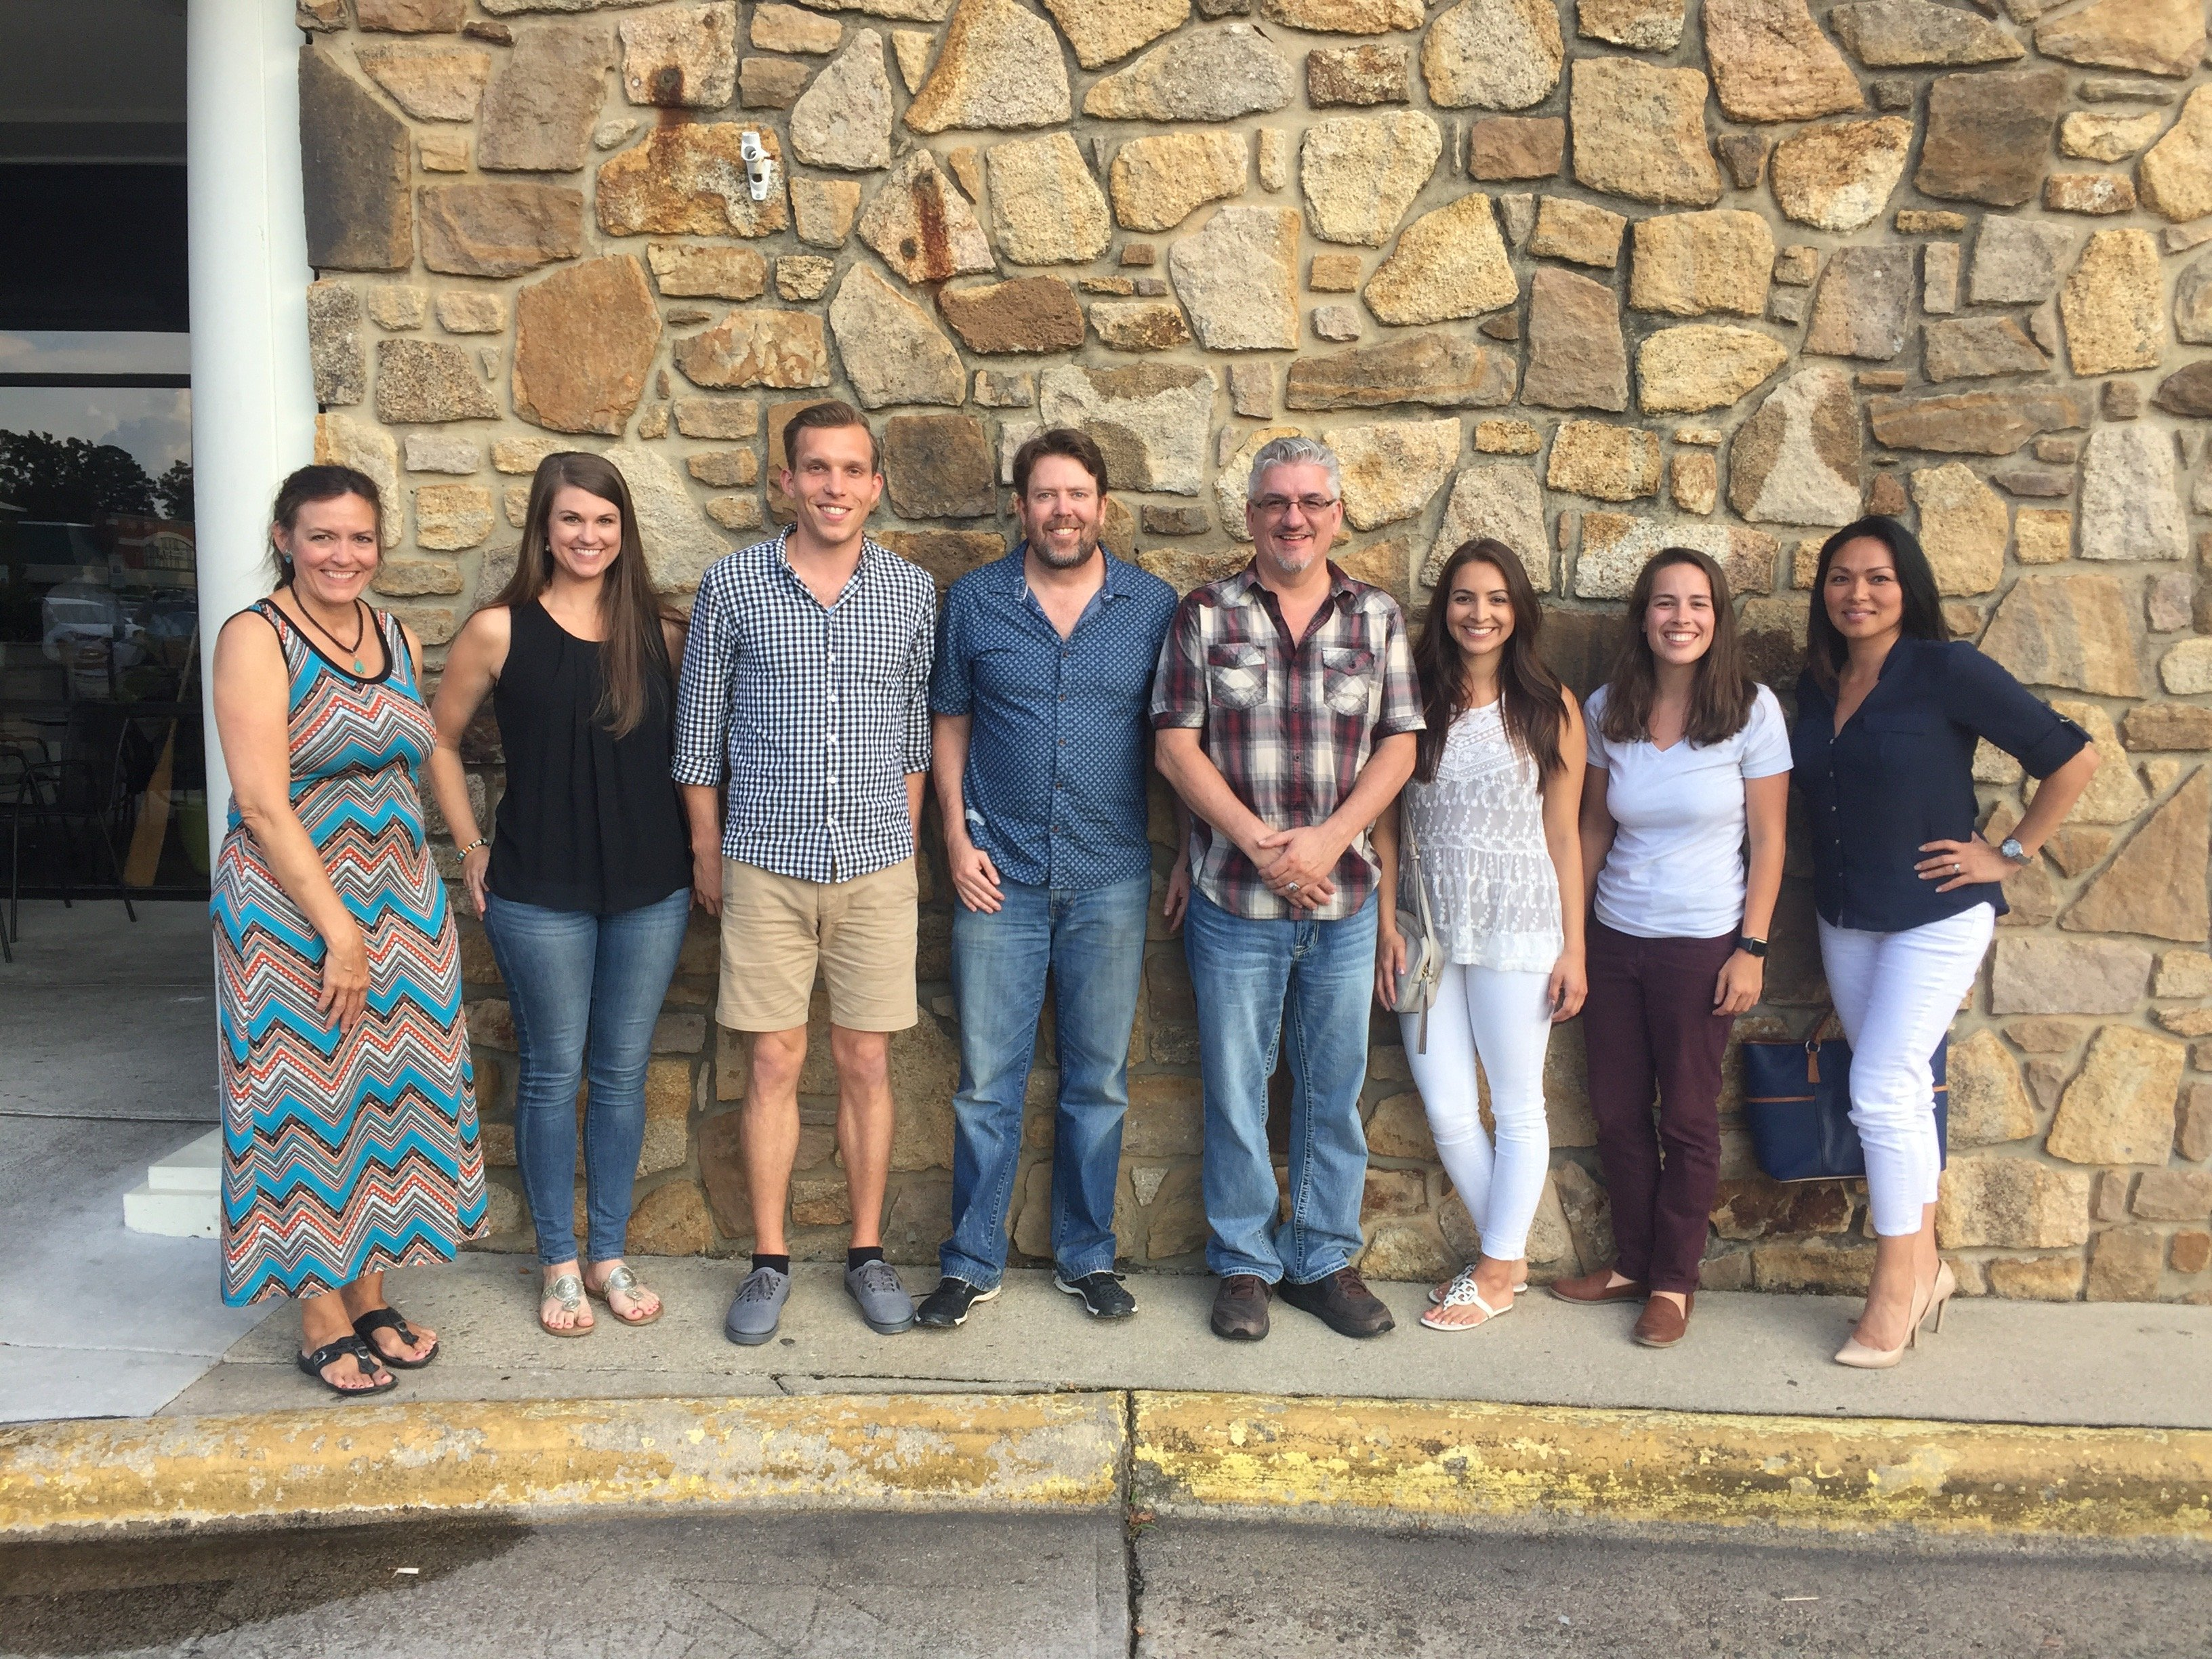 The North Carolina VonFinch Team